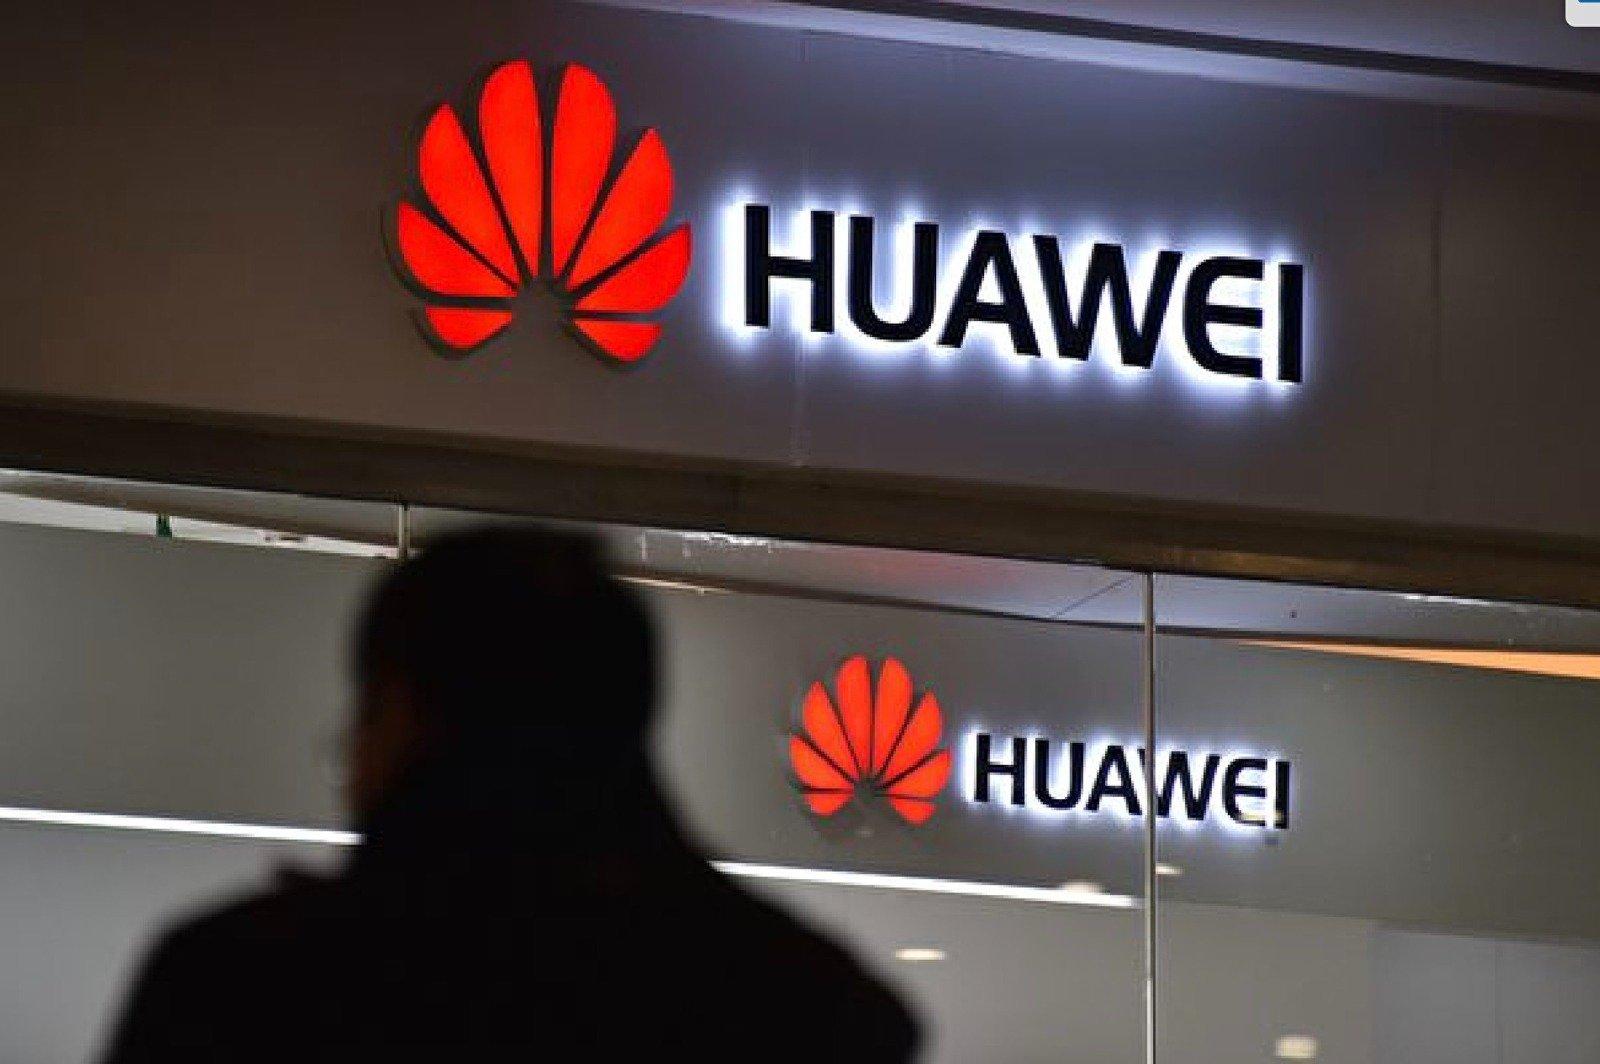 據大陸媒體報道,在最近兩個月的大陸手機網絡銷量排名中,華為跌出前五名,iPhone則位居榜首。(GREG BAKER/AFP/Getty Images)